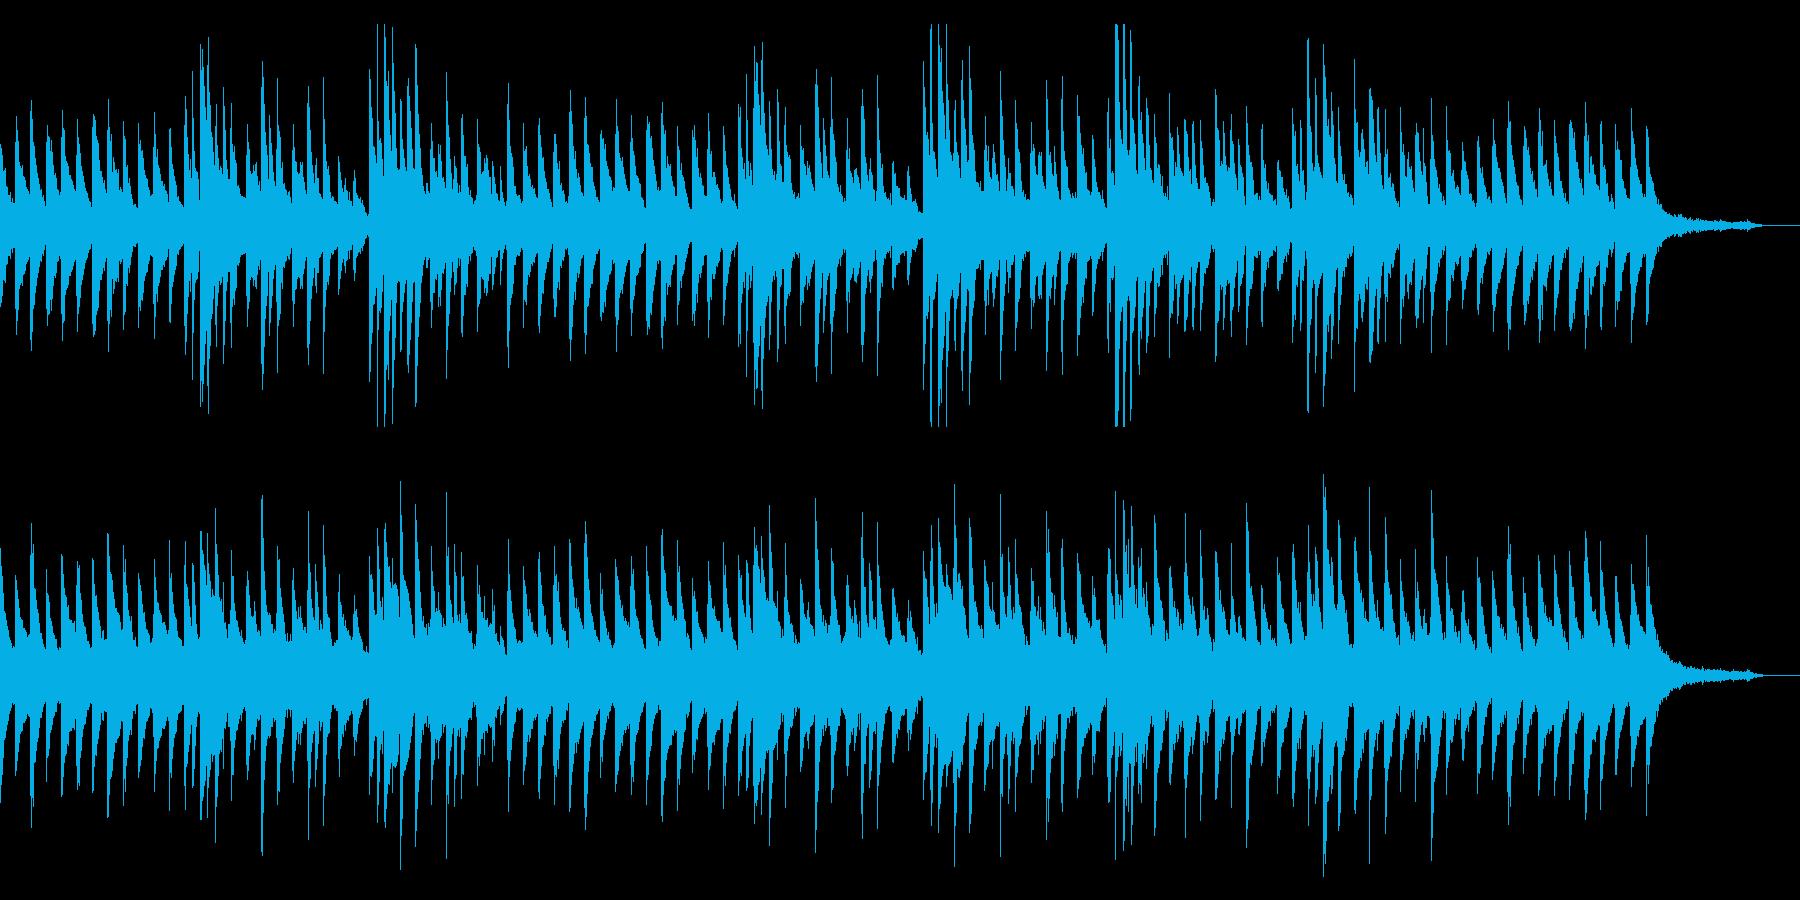 【ピアノのみ】淡々とした冷たい印象のピアの再生済みの波形